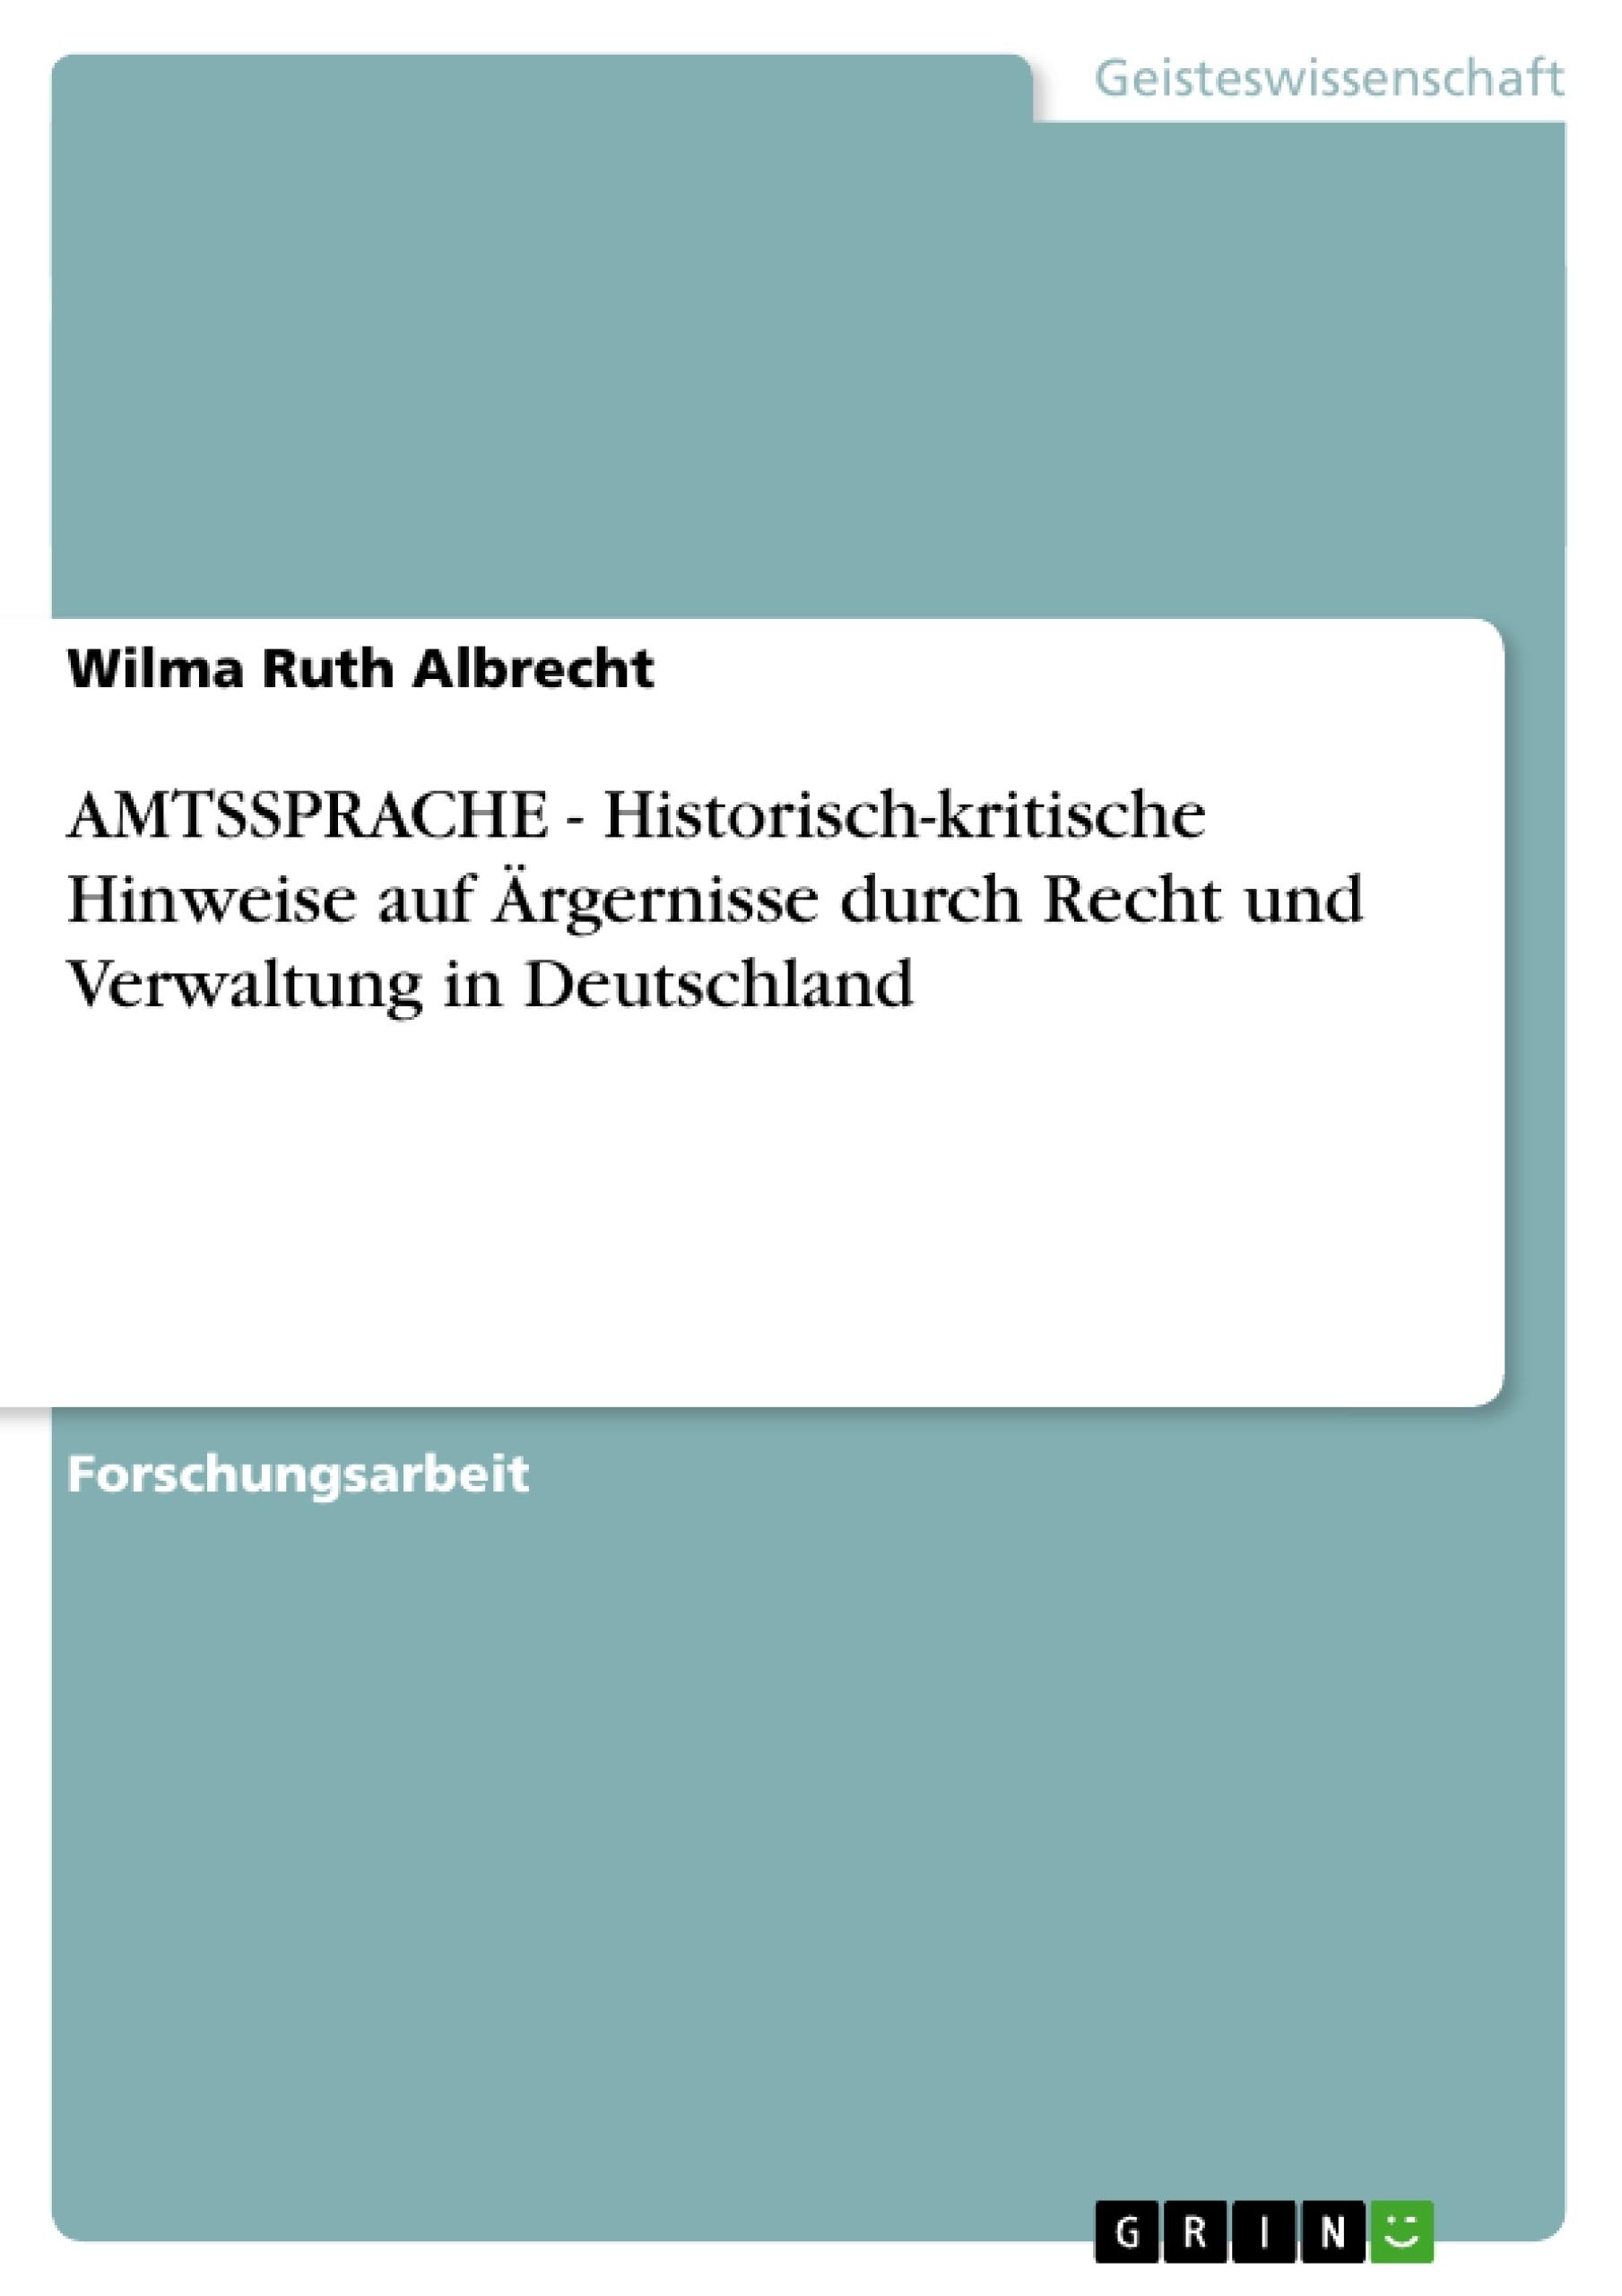 Titel: AMTSSPRACHE - Historisch-kritische Hinweise auf Ärgernisse durch Recht und Verwaltung in Deutschland